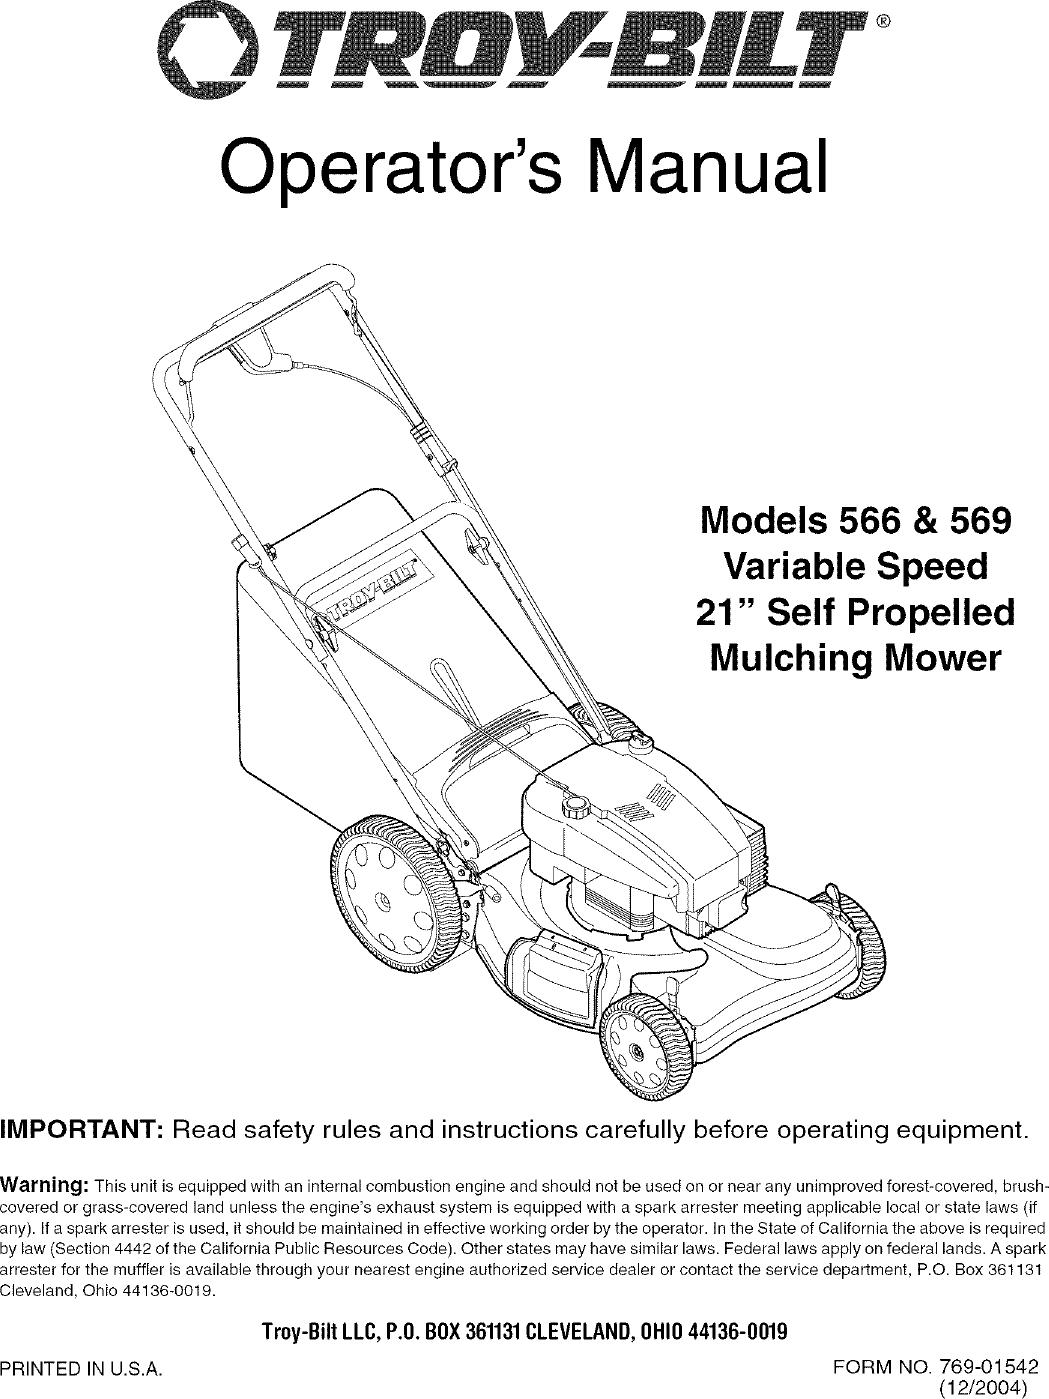 Troybilt 12AV566N711 User Manual LAWN MOWER Manuals And